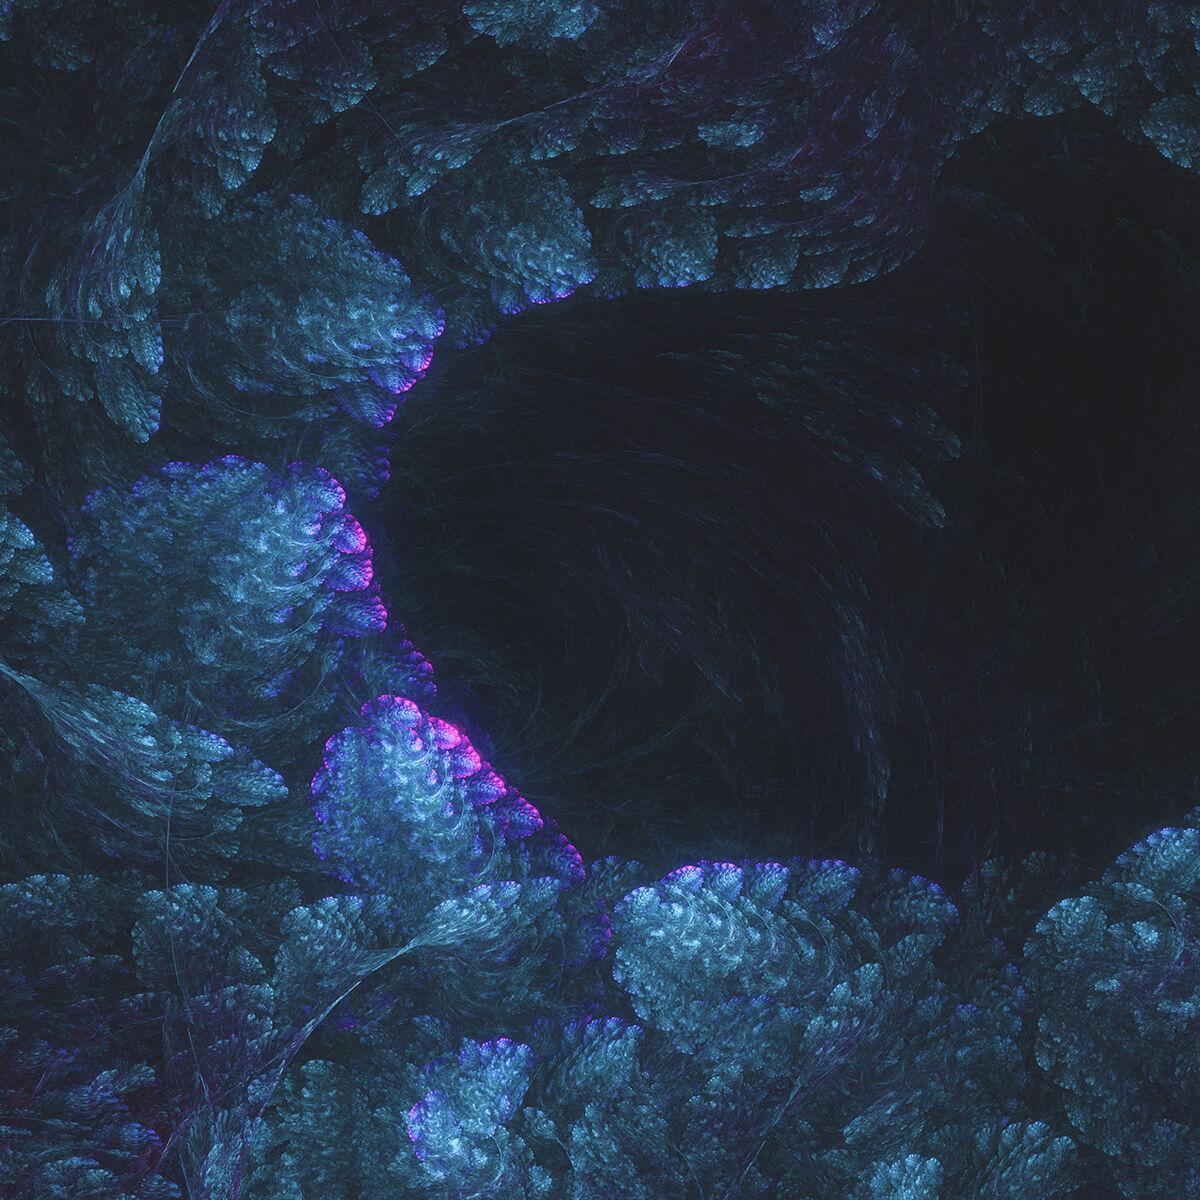 3D render of a fractal cave